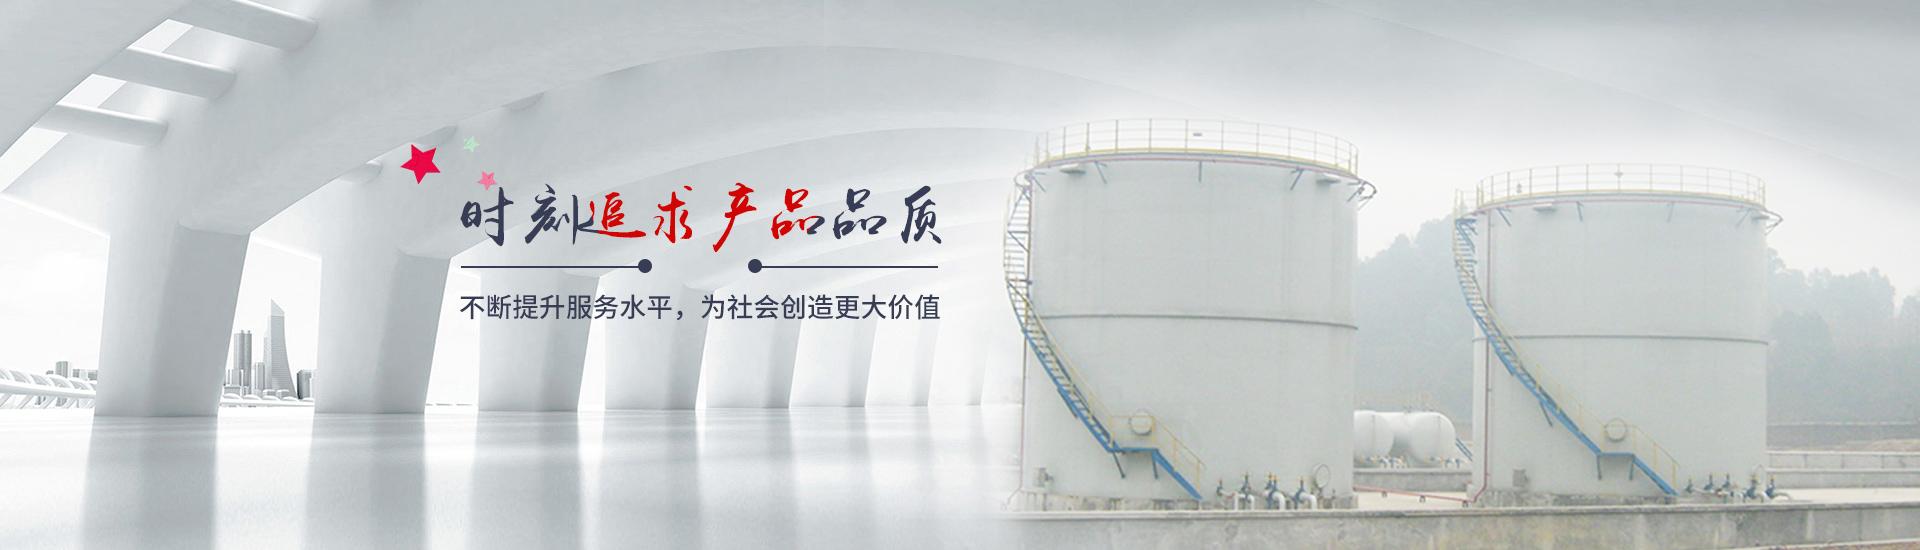 湖南长城化工设备制造有限公司 - 株洲石油储运设备|株洲组装式储罐|株洲储罐管件